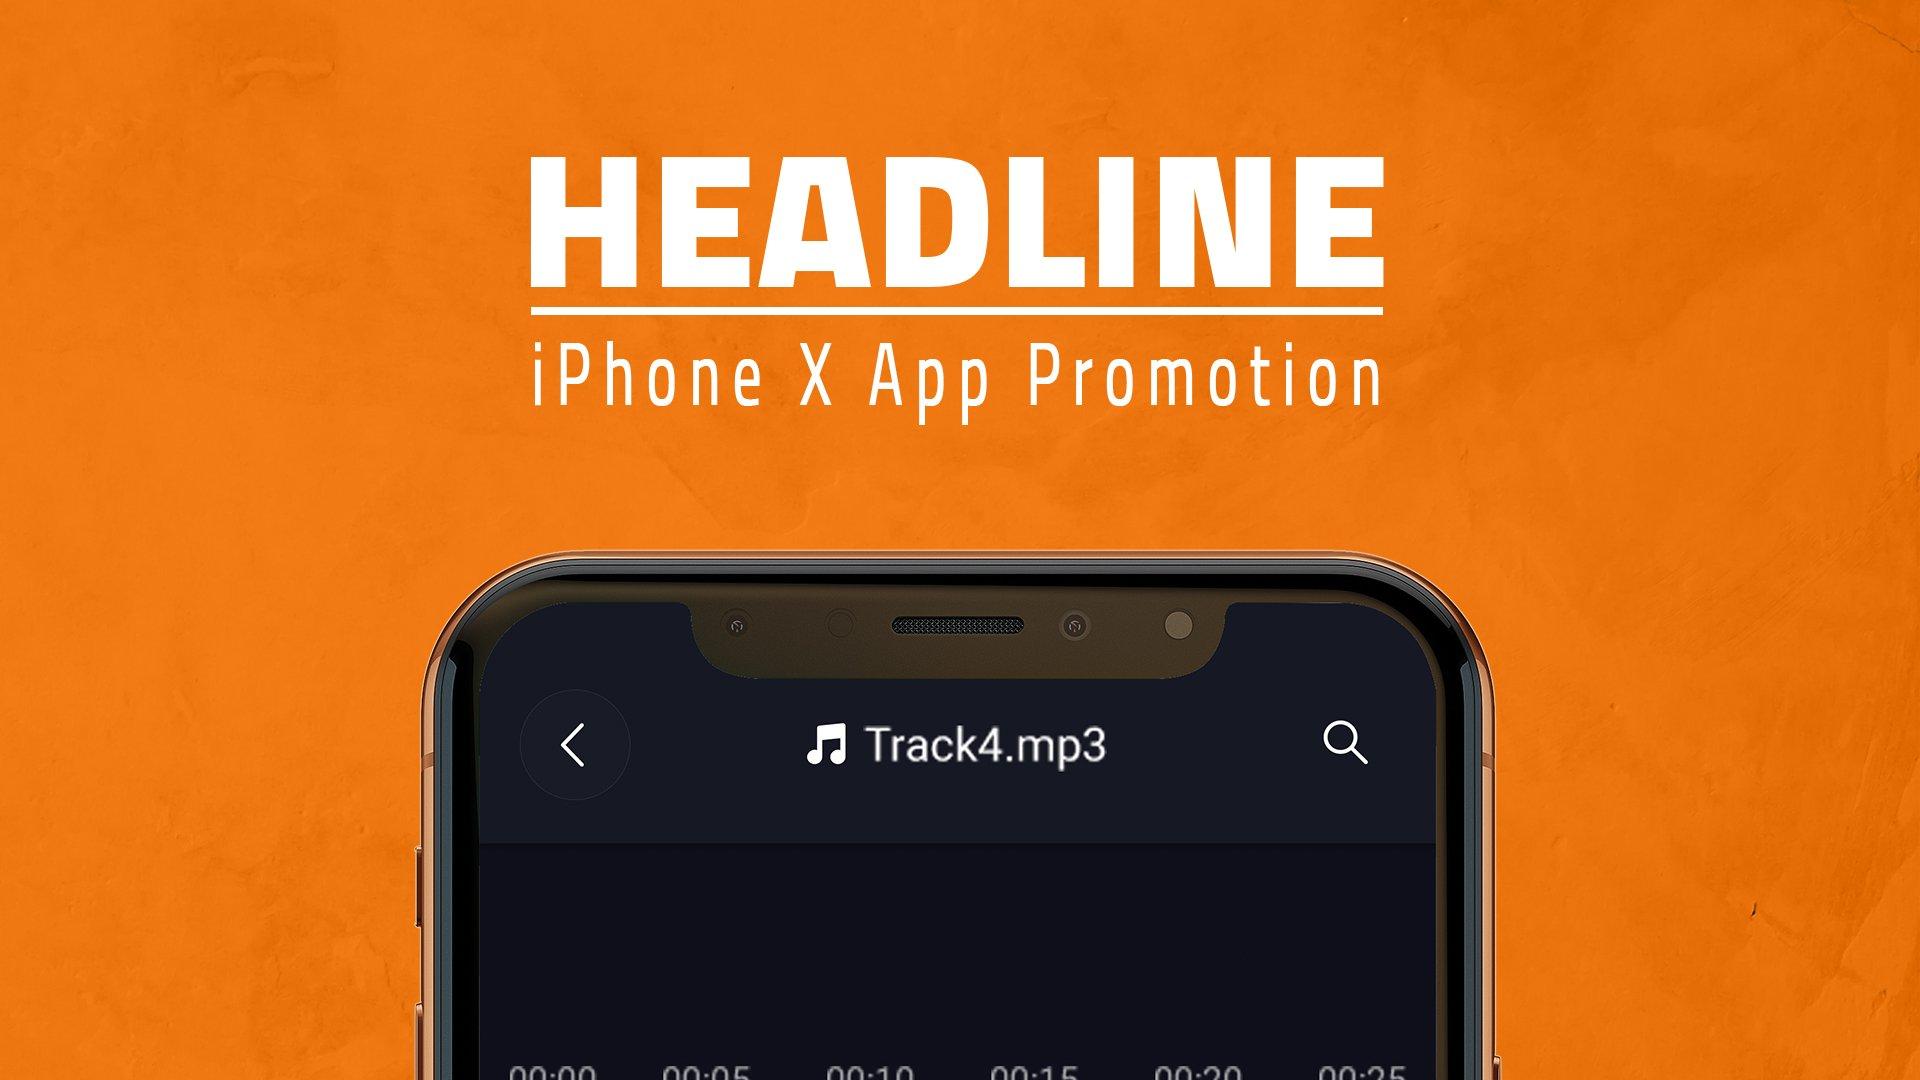 多角度APP界面设计苹果iPhone X手机屏幕演示样机模板 iPhone X App Promotion插图4